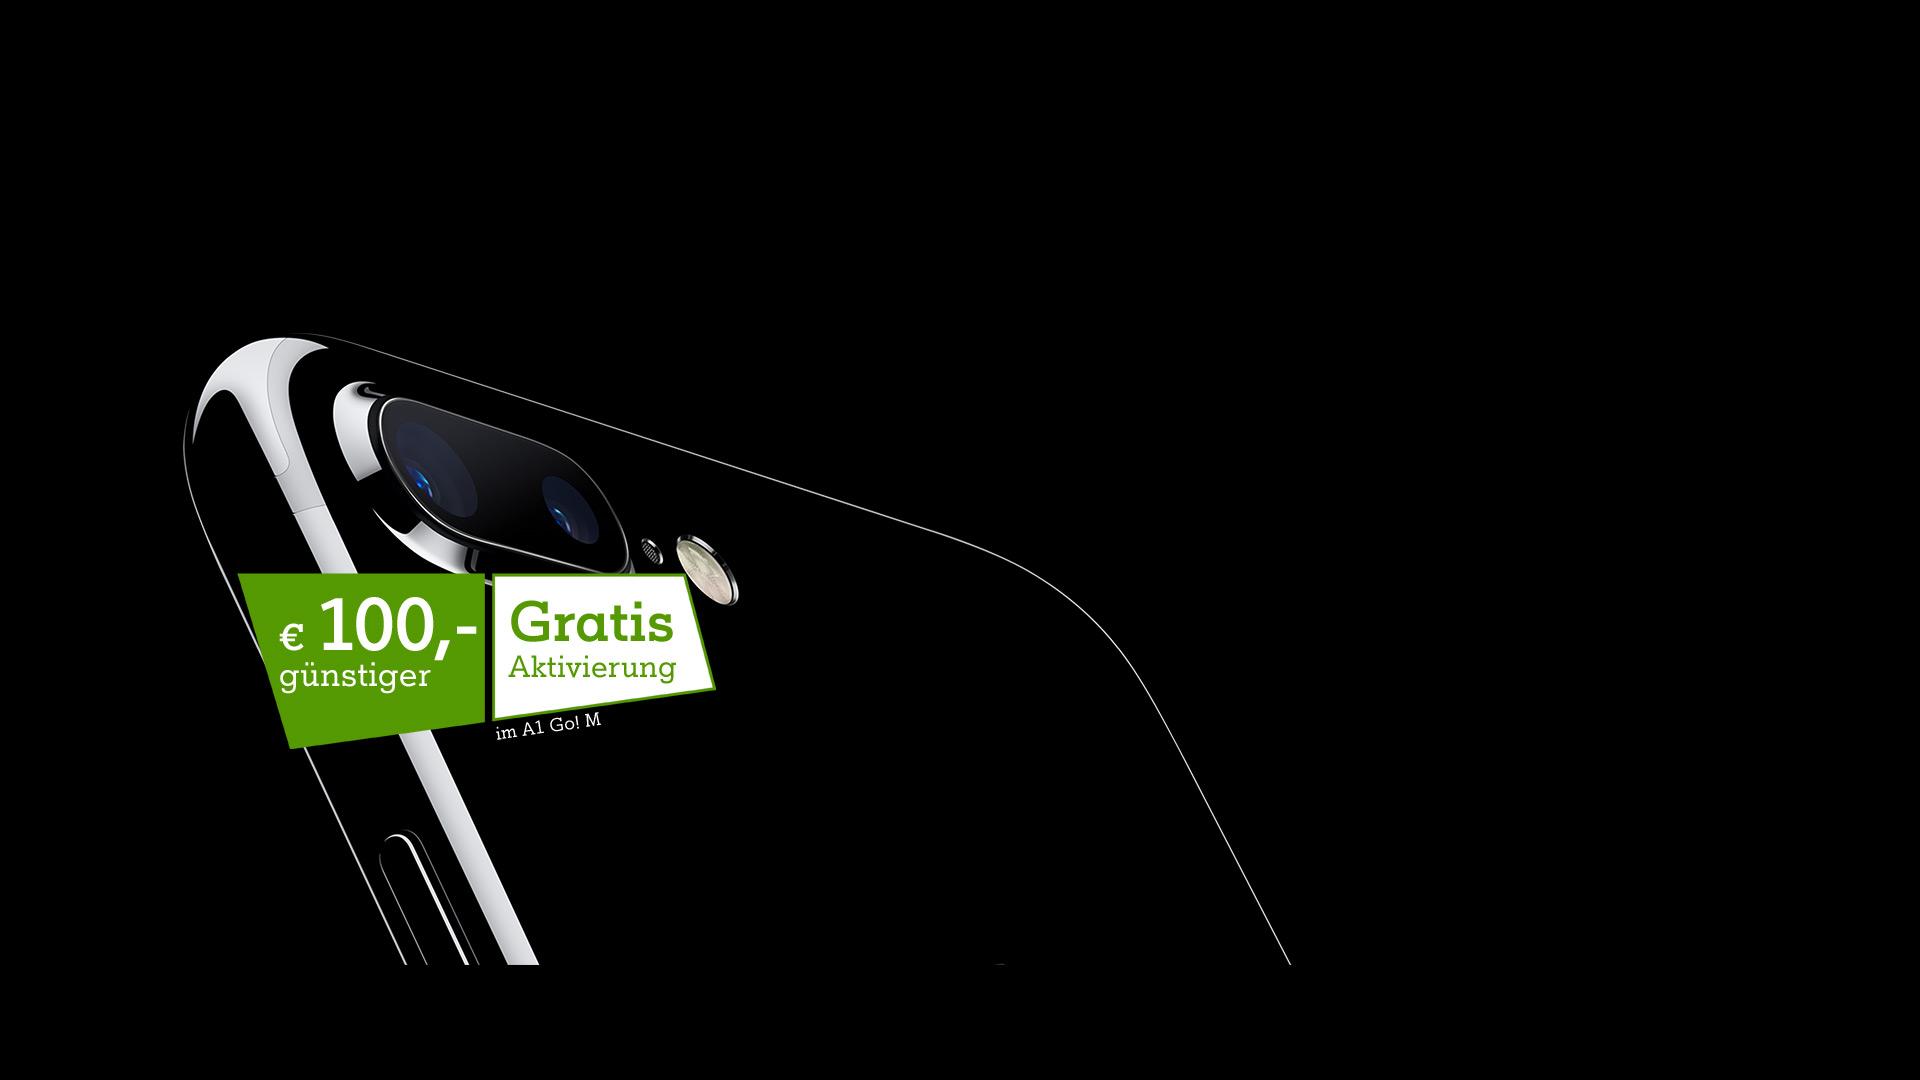 iPhone 7 mit gratis Aktivierung